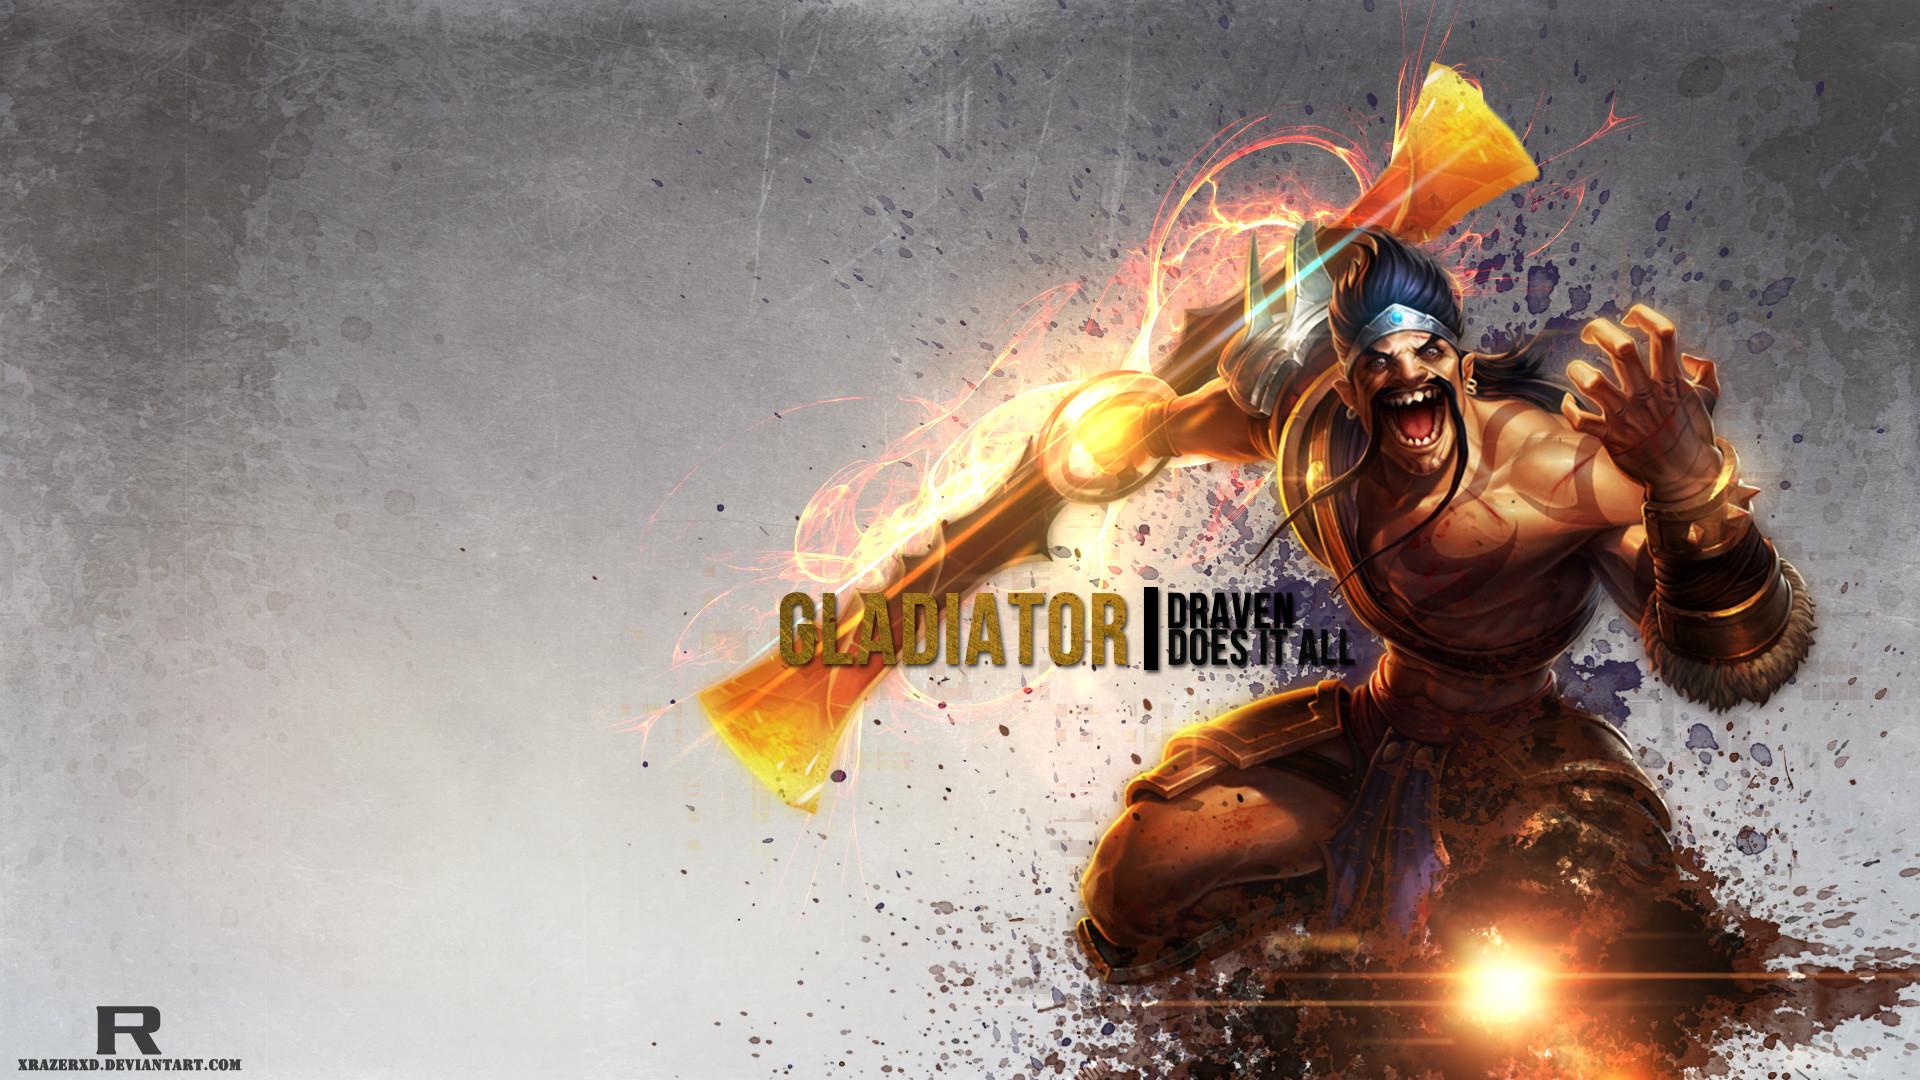 Gladiator Draven by xRazerxD HD Wallpaper Fan Art Artwork League of Legends  lol